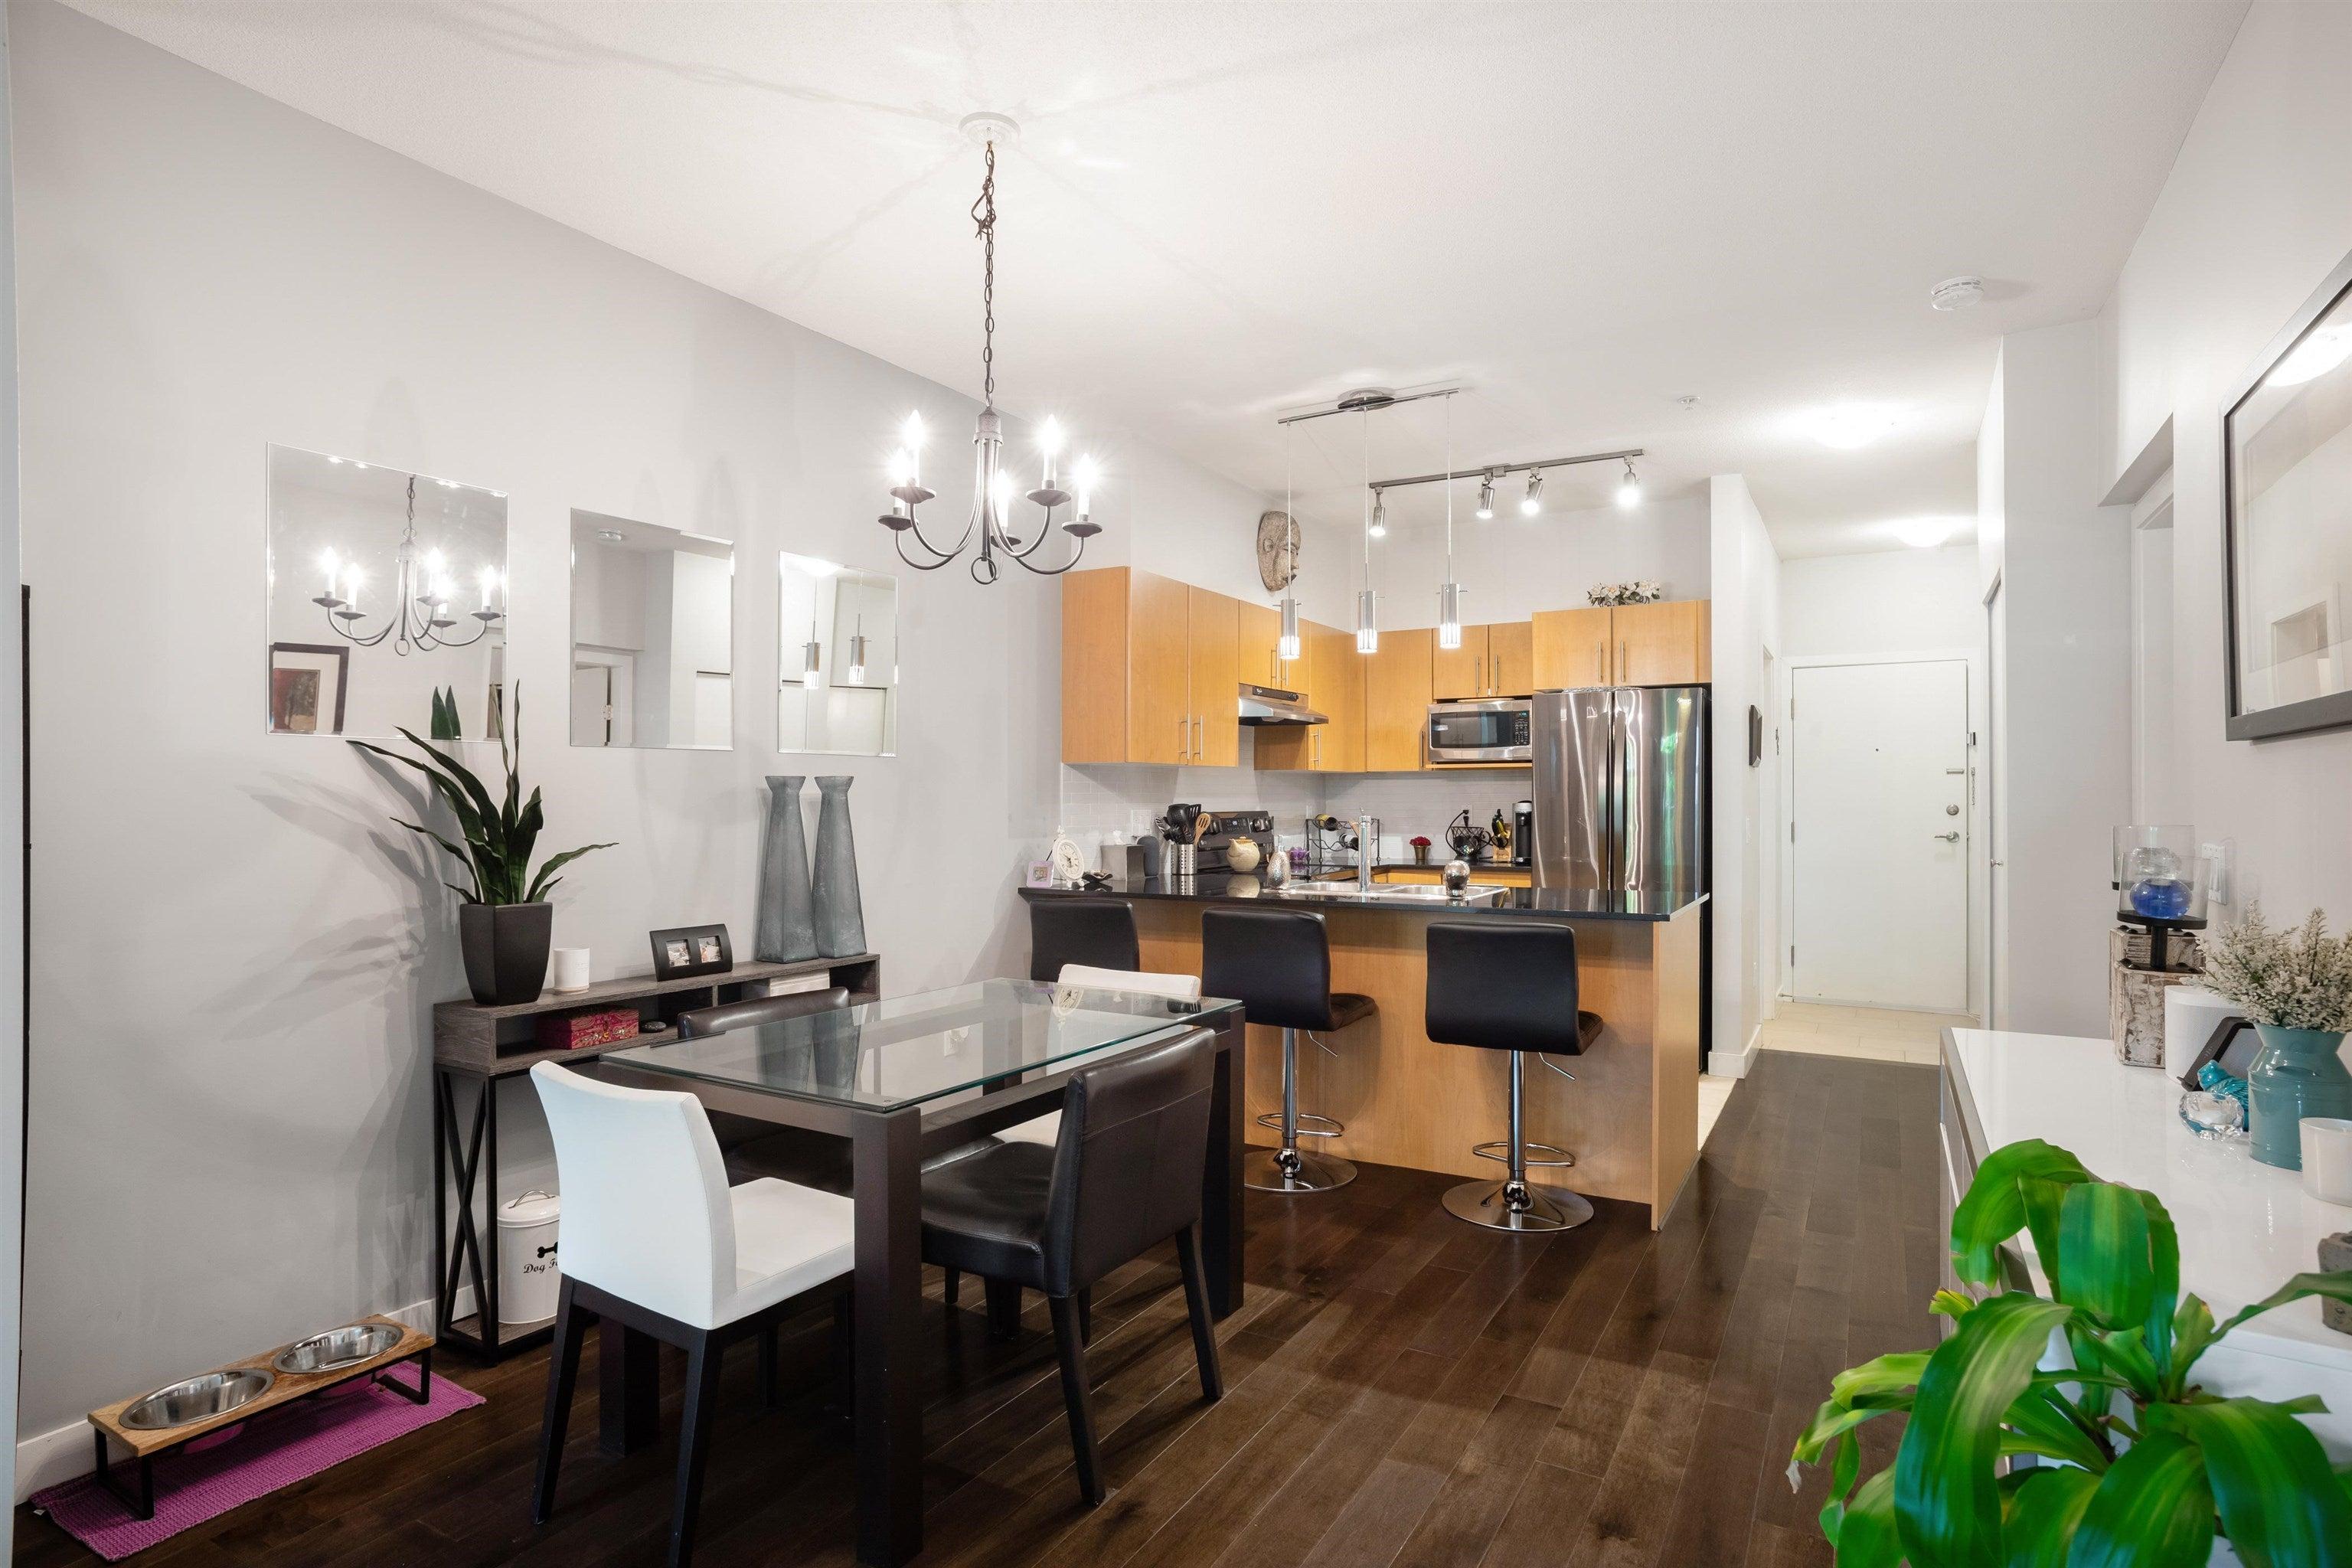 113 1633 MACKAY AVENUE - Pemberton NV Apartment/Condo for sale, 2 Bedrooms (R2620788) - #1